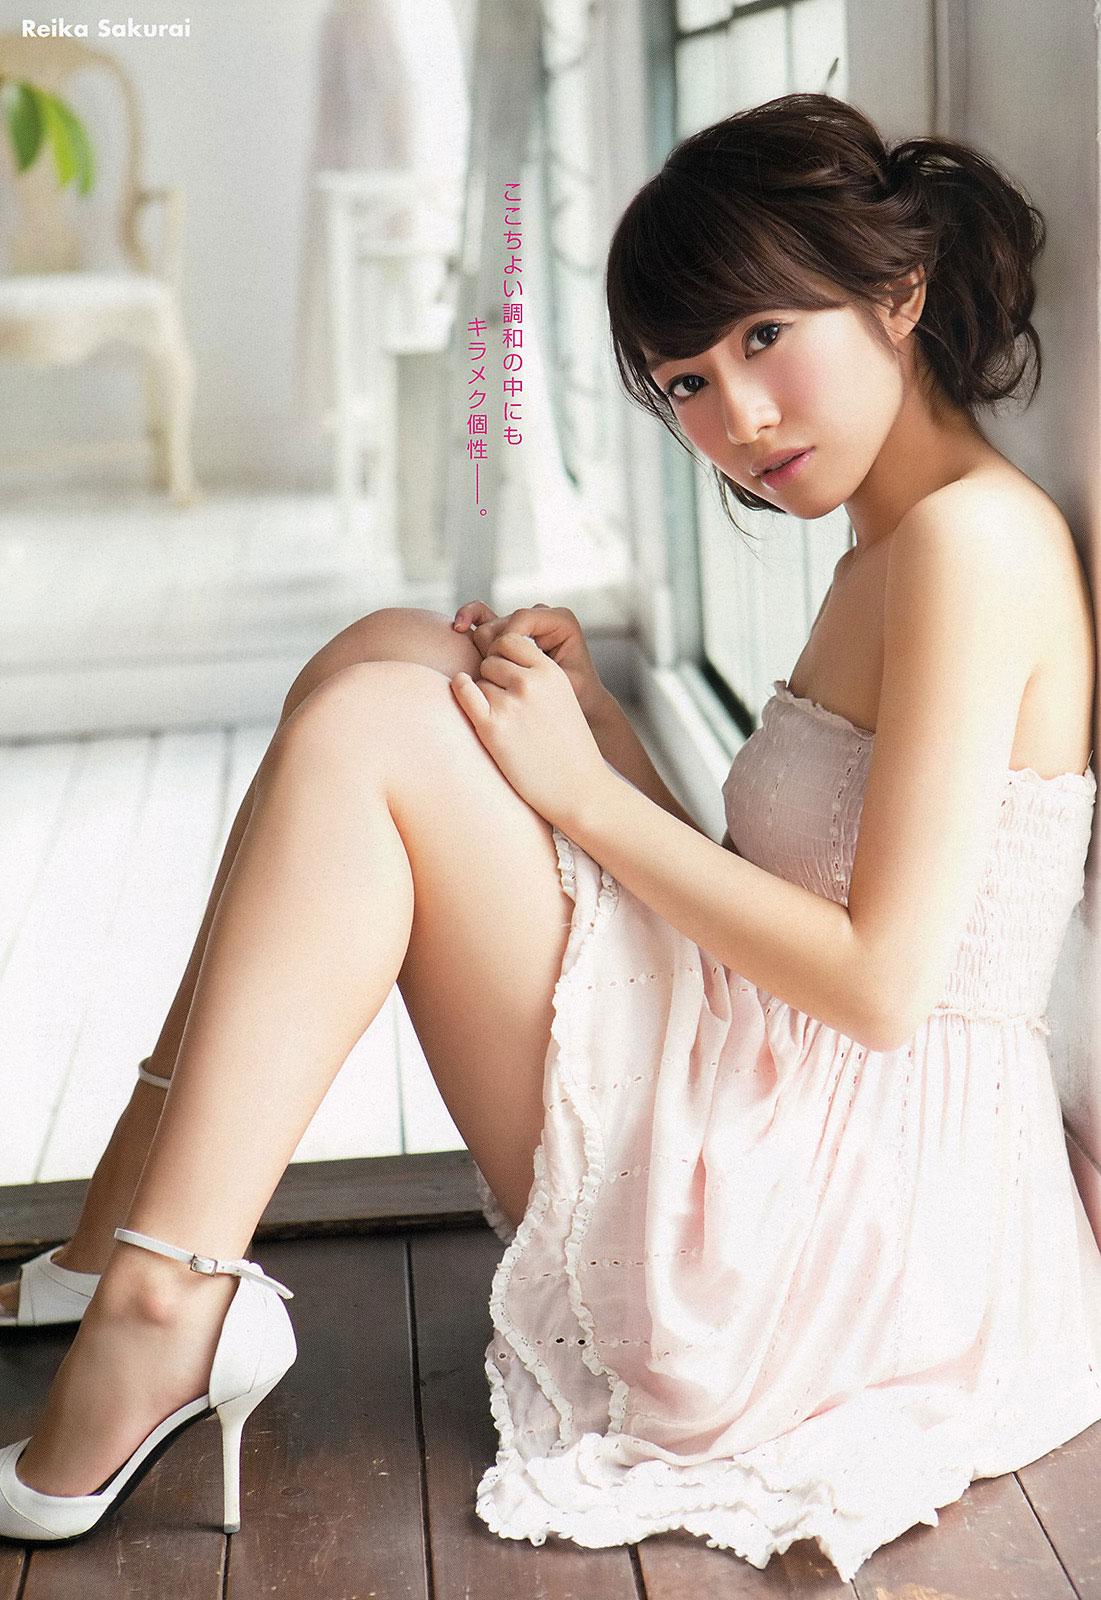 Nogizaka46 Reika Sakurai Young Animal Magazine